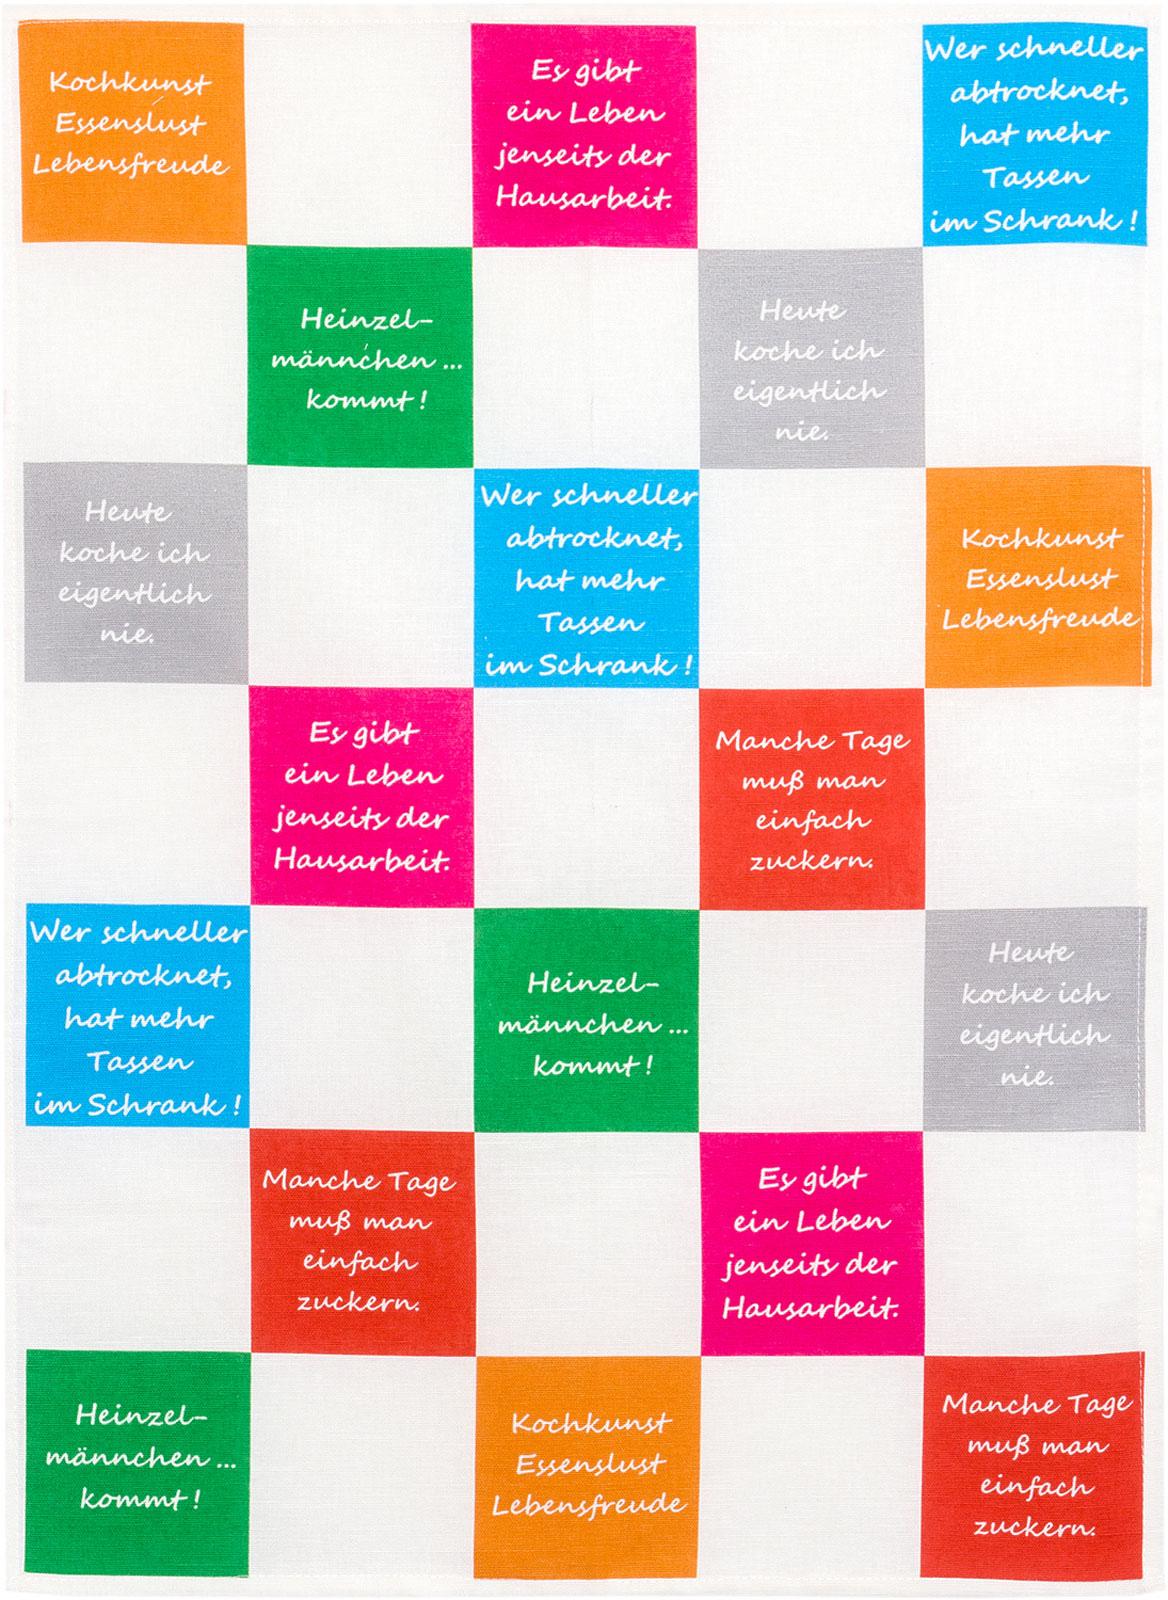 Küchentextilien - Kracht Halbleinen Geschirrtuch 50x70 Motiv 2 844 00 Küchensprüche  - Onlineshop PremiumShop321